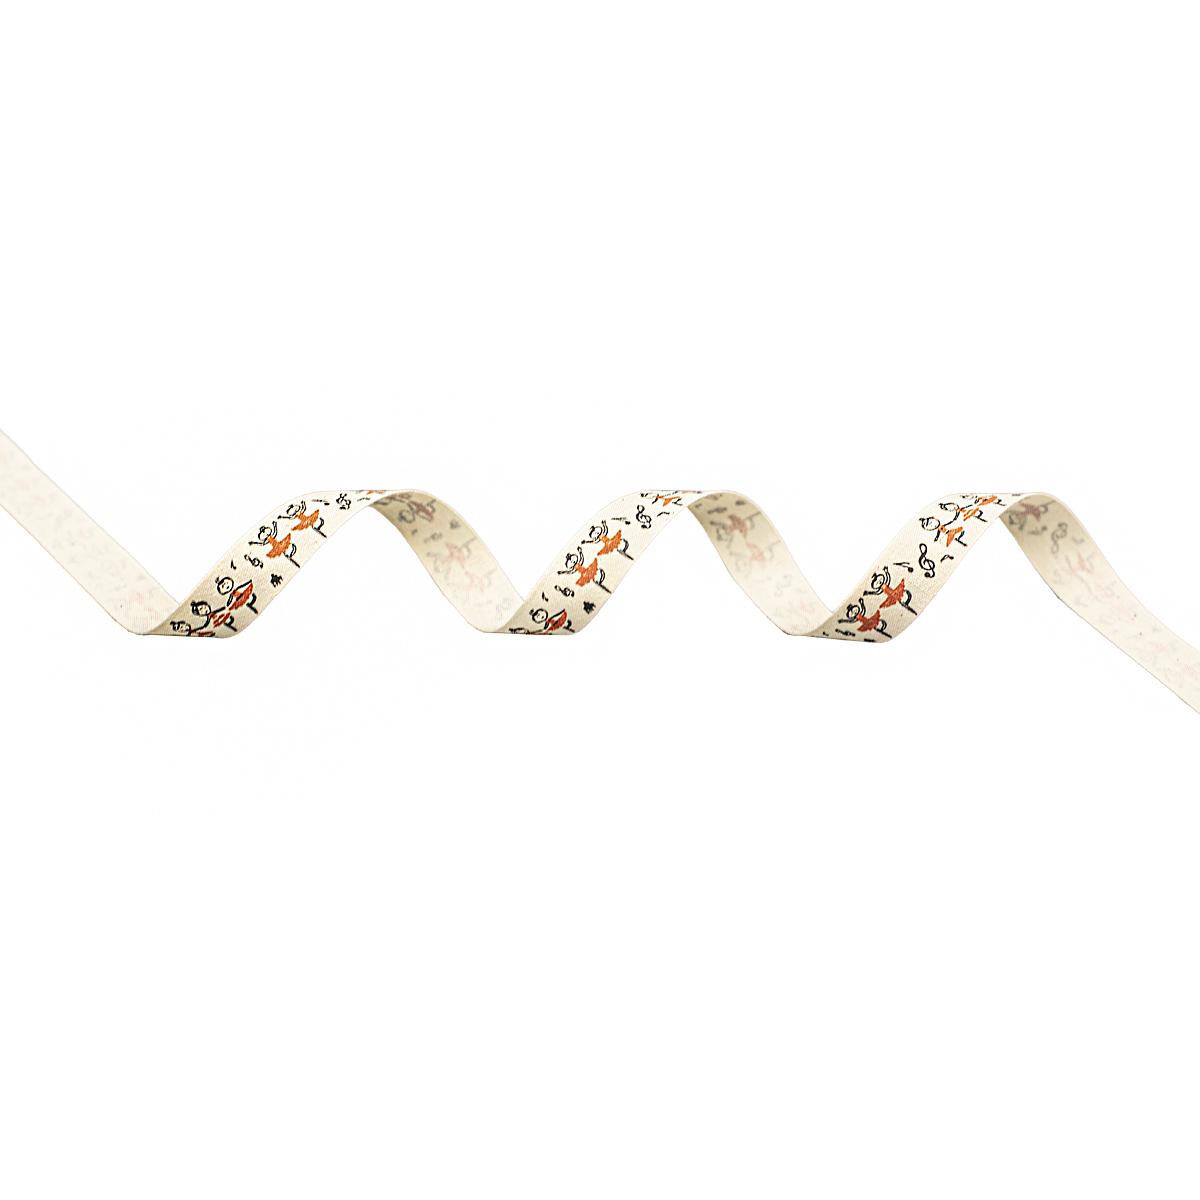 CPR022 Лента декоративная 'Танец' 100% хб, 15мм*25м